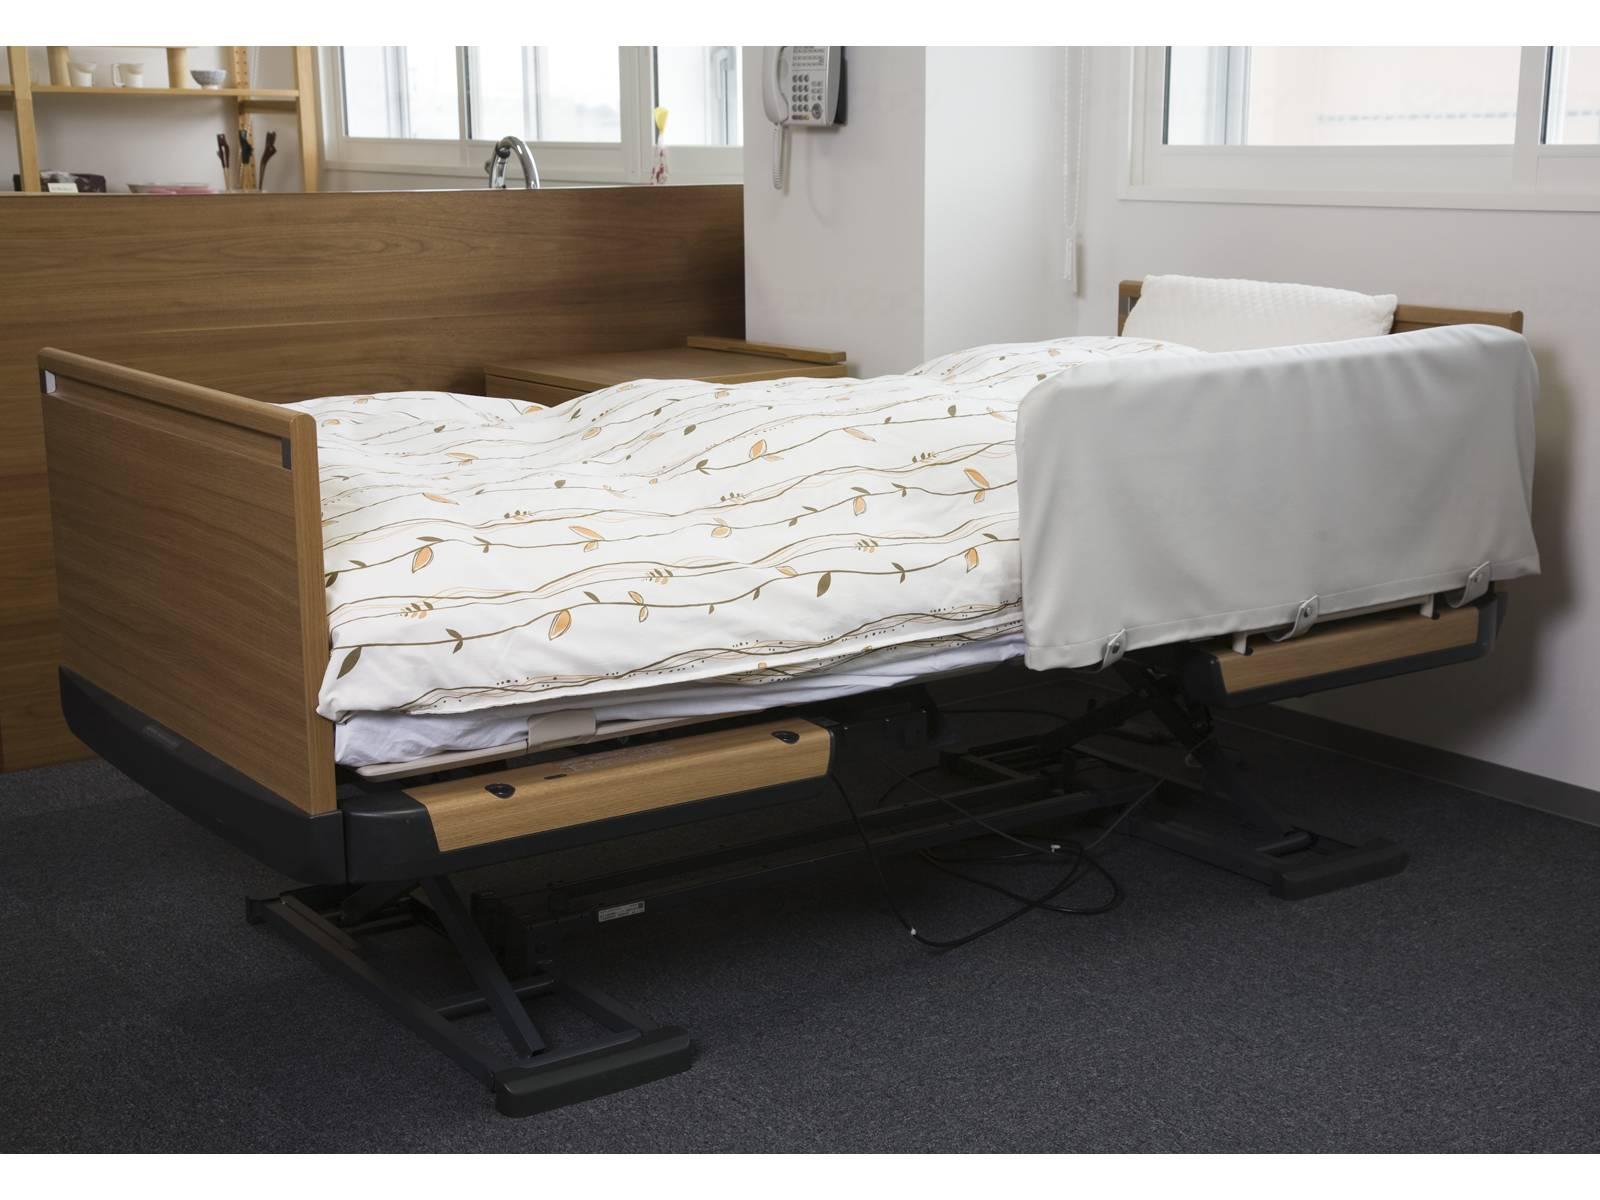 ベッドサイドレールカバーの画像